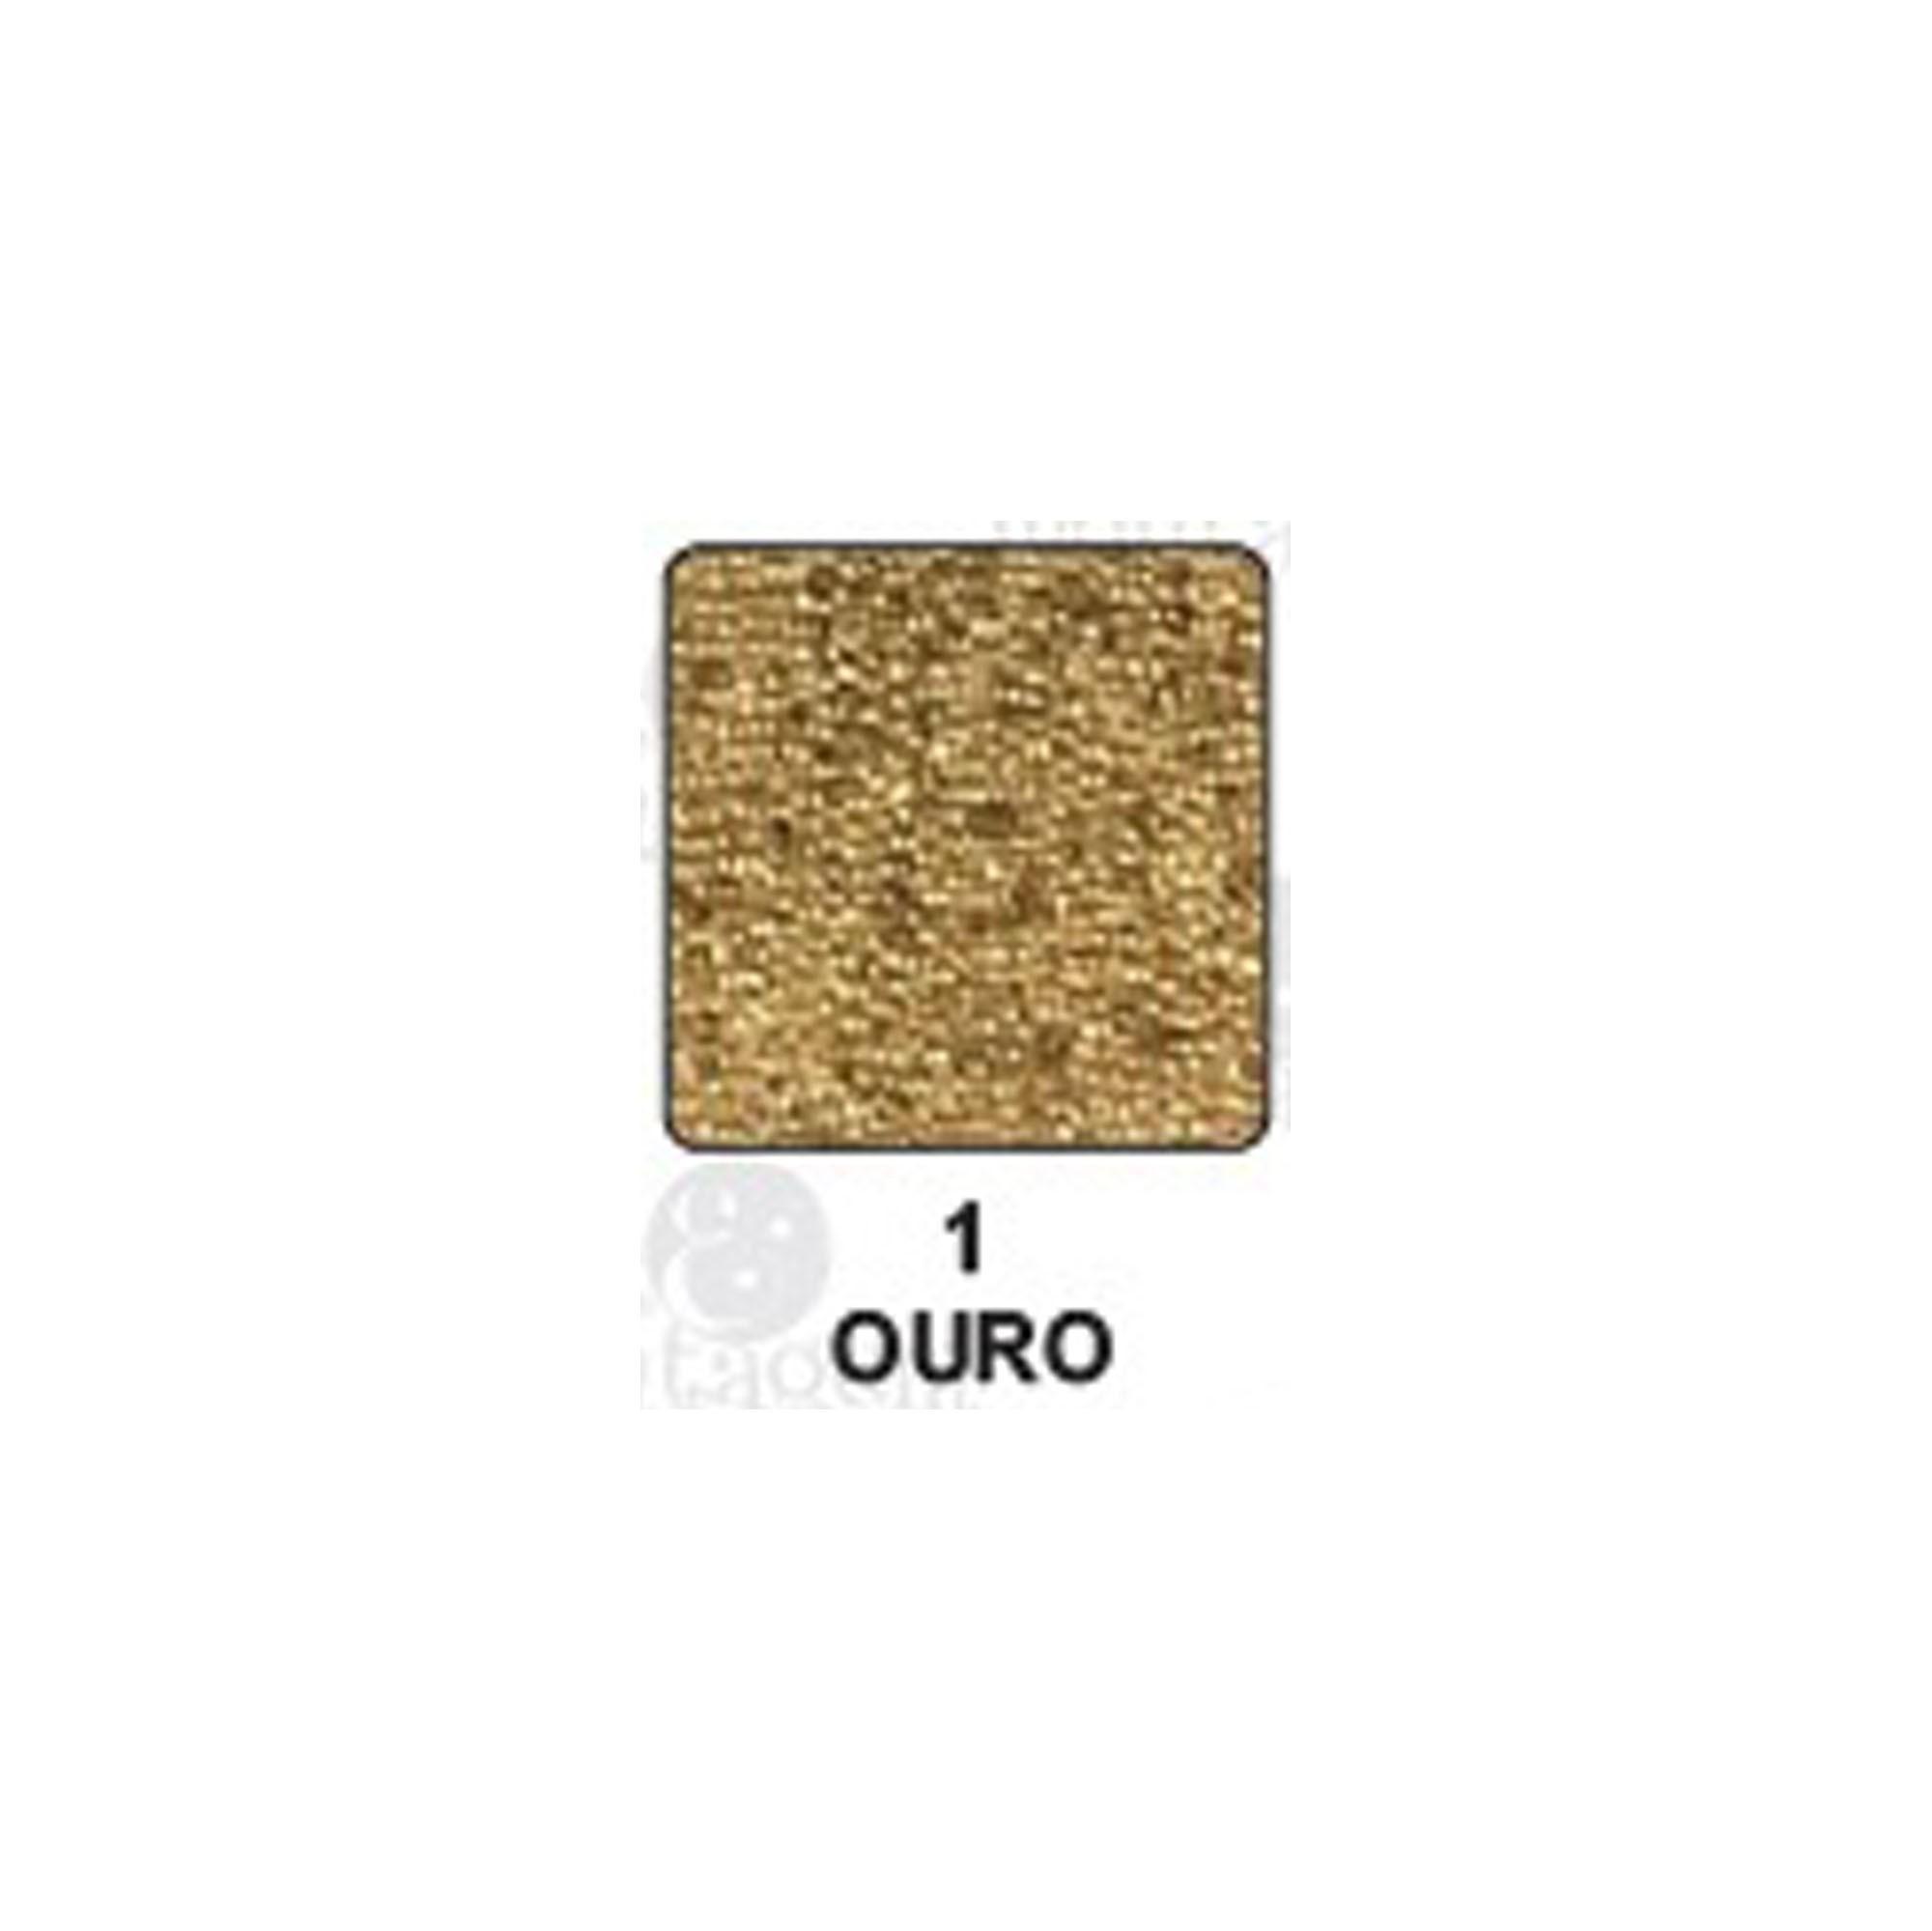 Carimbeira Art Montagem  - 3,3 x 3,3 cm - Ouro